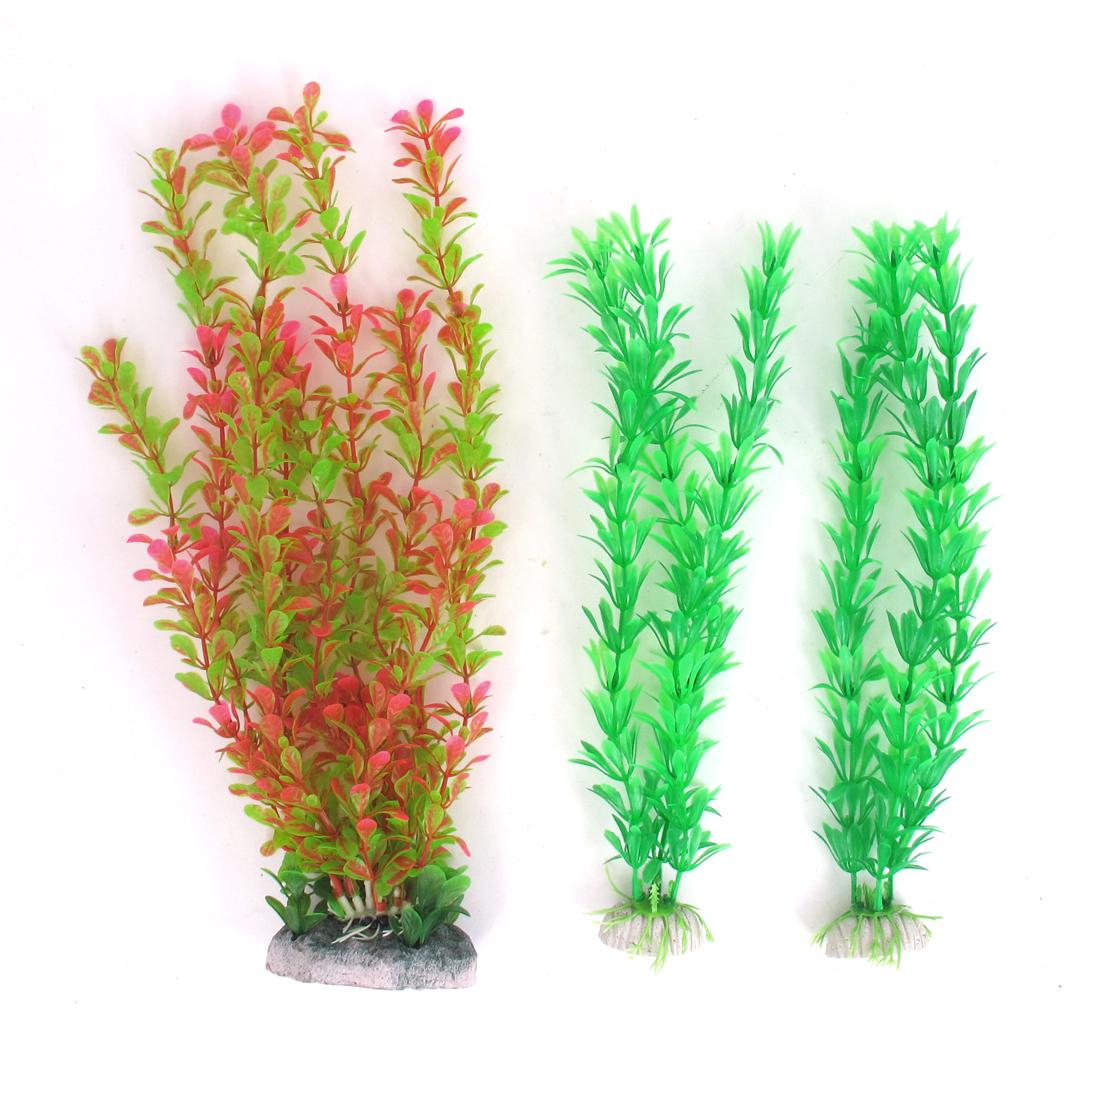 Unique Bargains 3pcs 30cm 27cm High Fuchisa Green Plastic Water Grass Aquarium Plant Decoration by